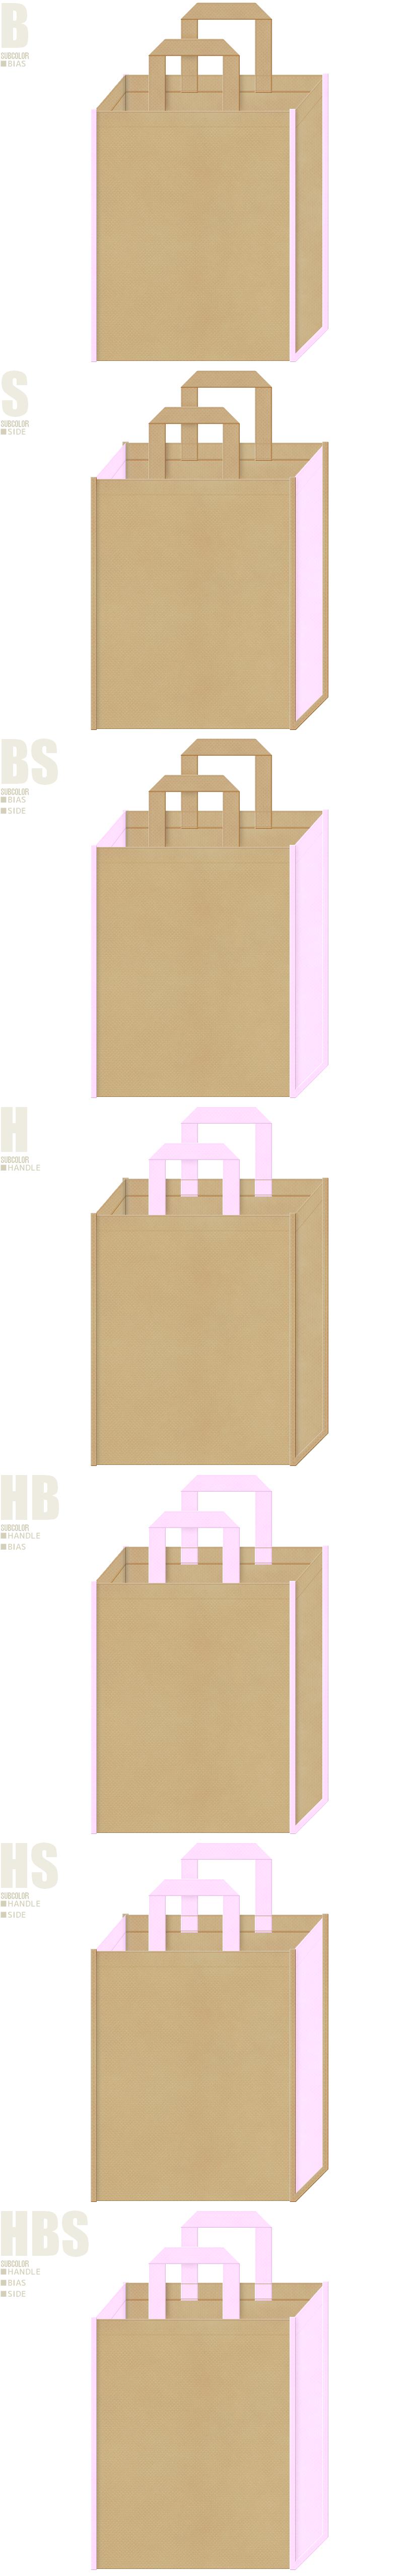 カーキ色と明るめのピンク色、7パターンの不織布トートバッグ配色デザイン例。girlyな不織布バッグにお奨めです。